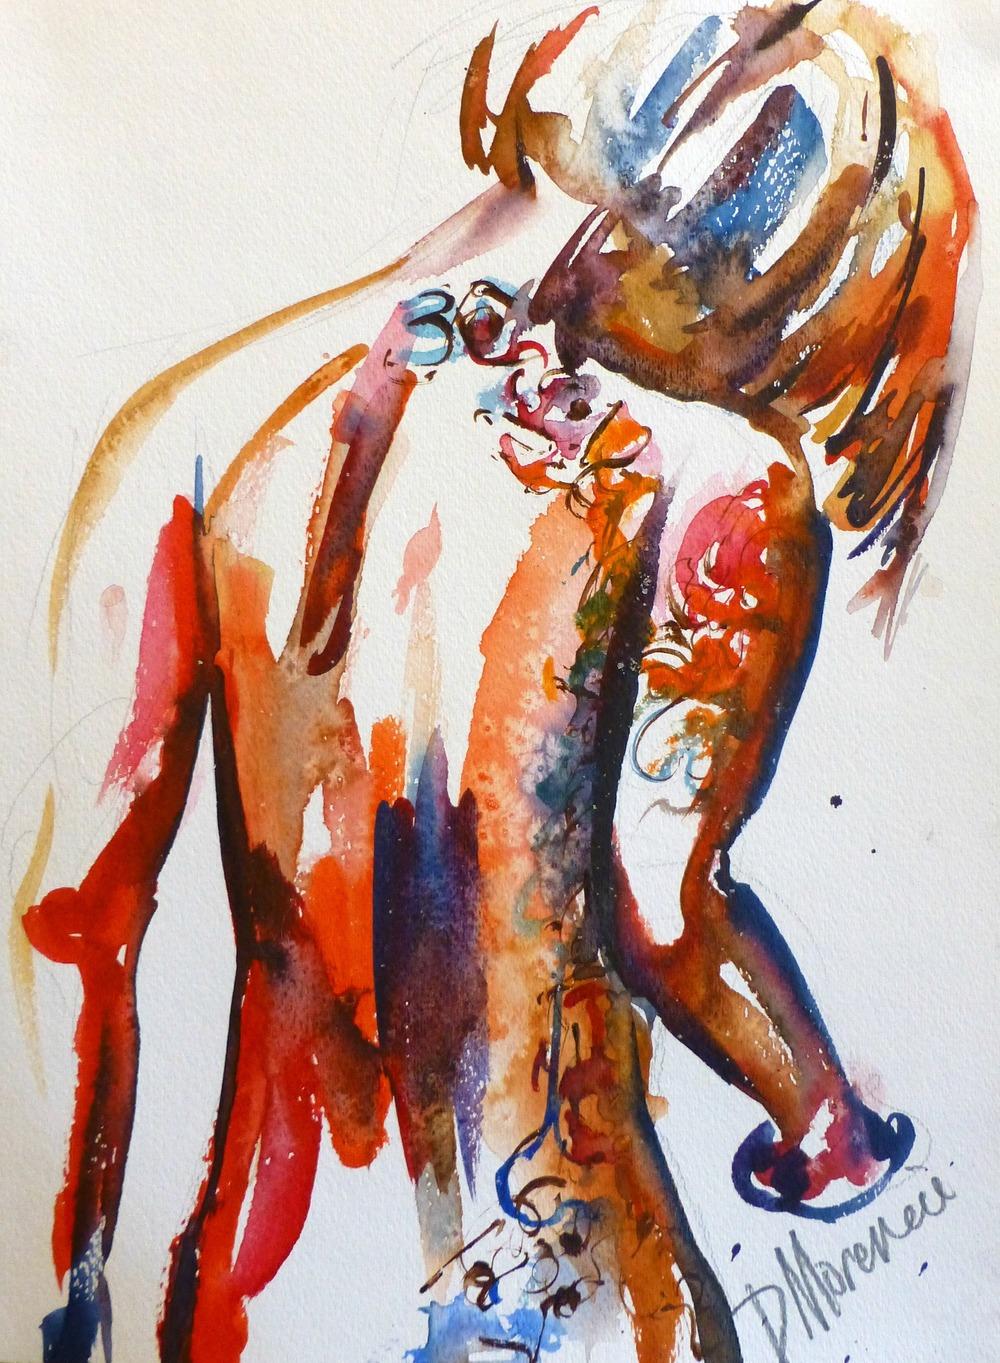 nwm - Sketch - female tattoos.jpg